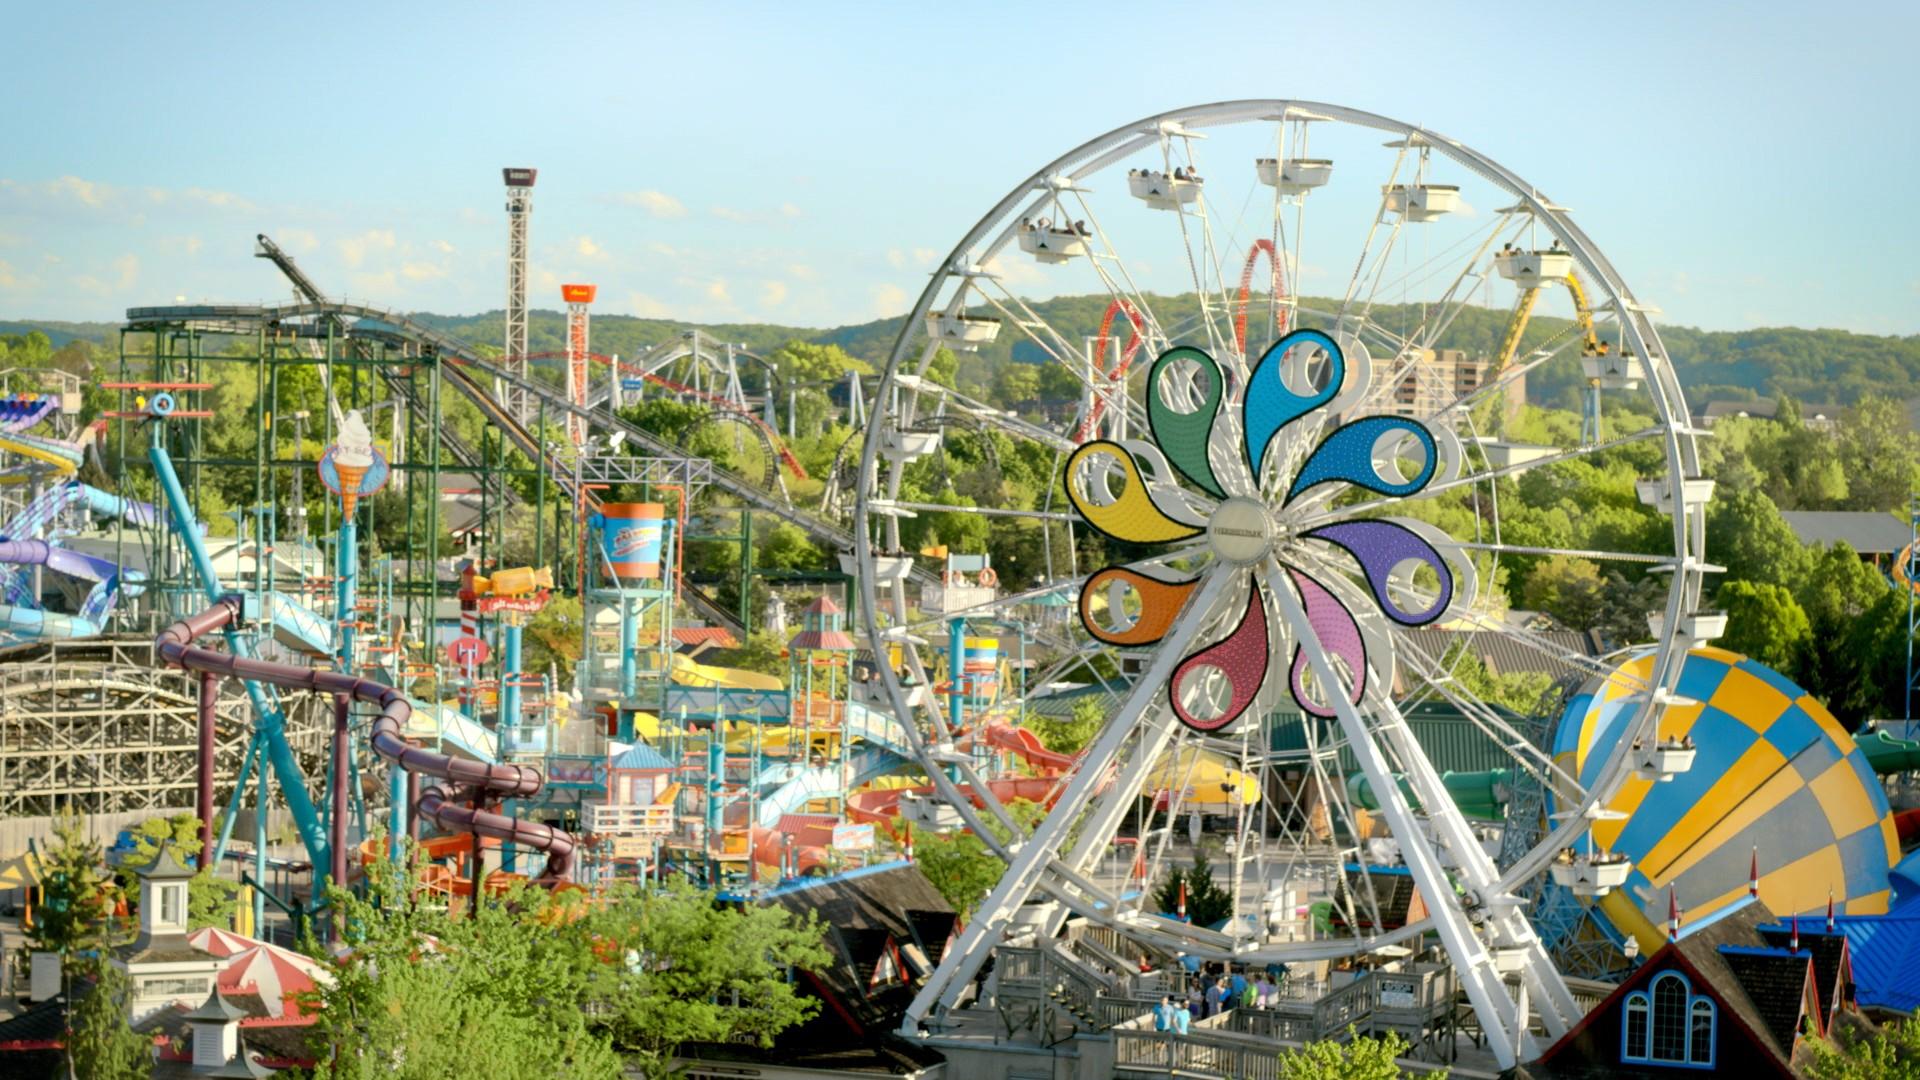 Hersheypark Ferris Wheel Aerial